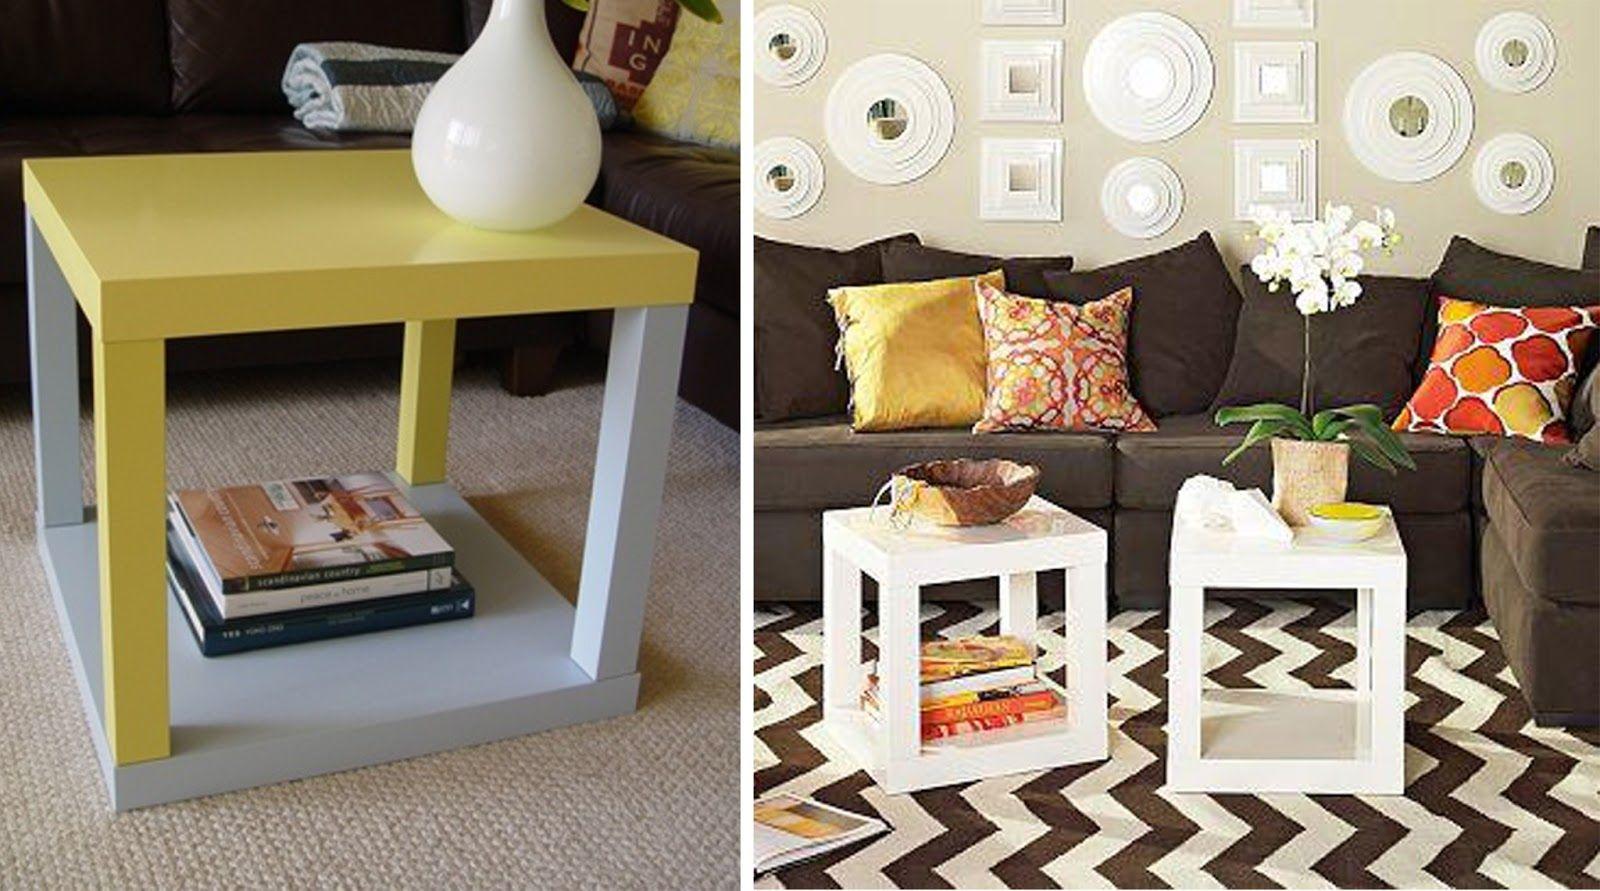 Ikea Hacker - Decora tu mesa lack - se coloca una debajo de la otra ...